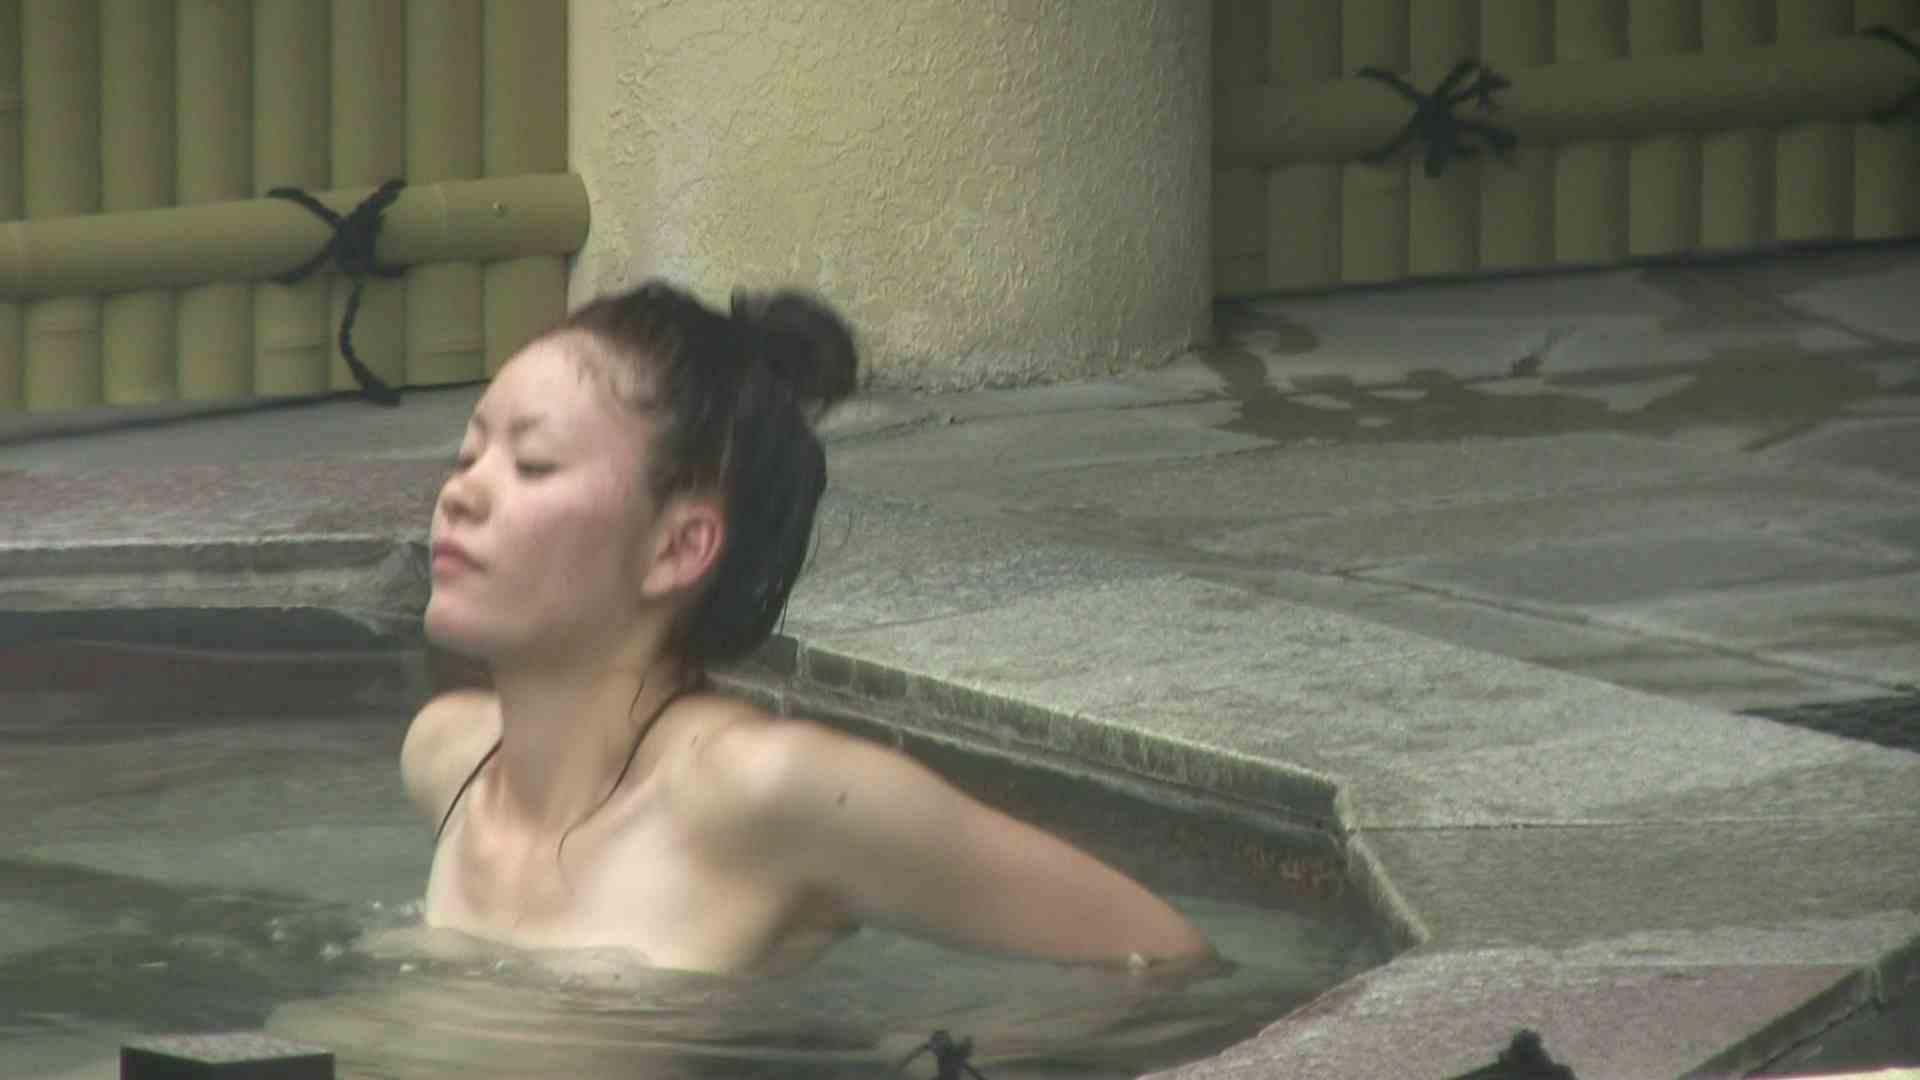 Aquaな露天風呂Vol.137 0  92pic 16